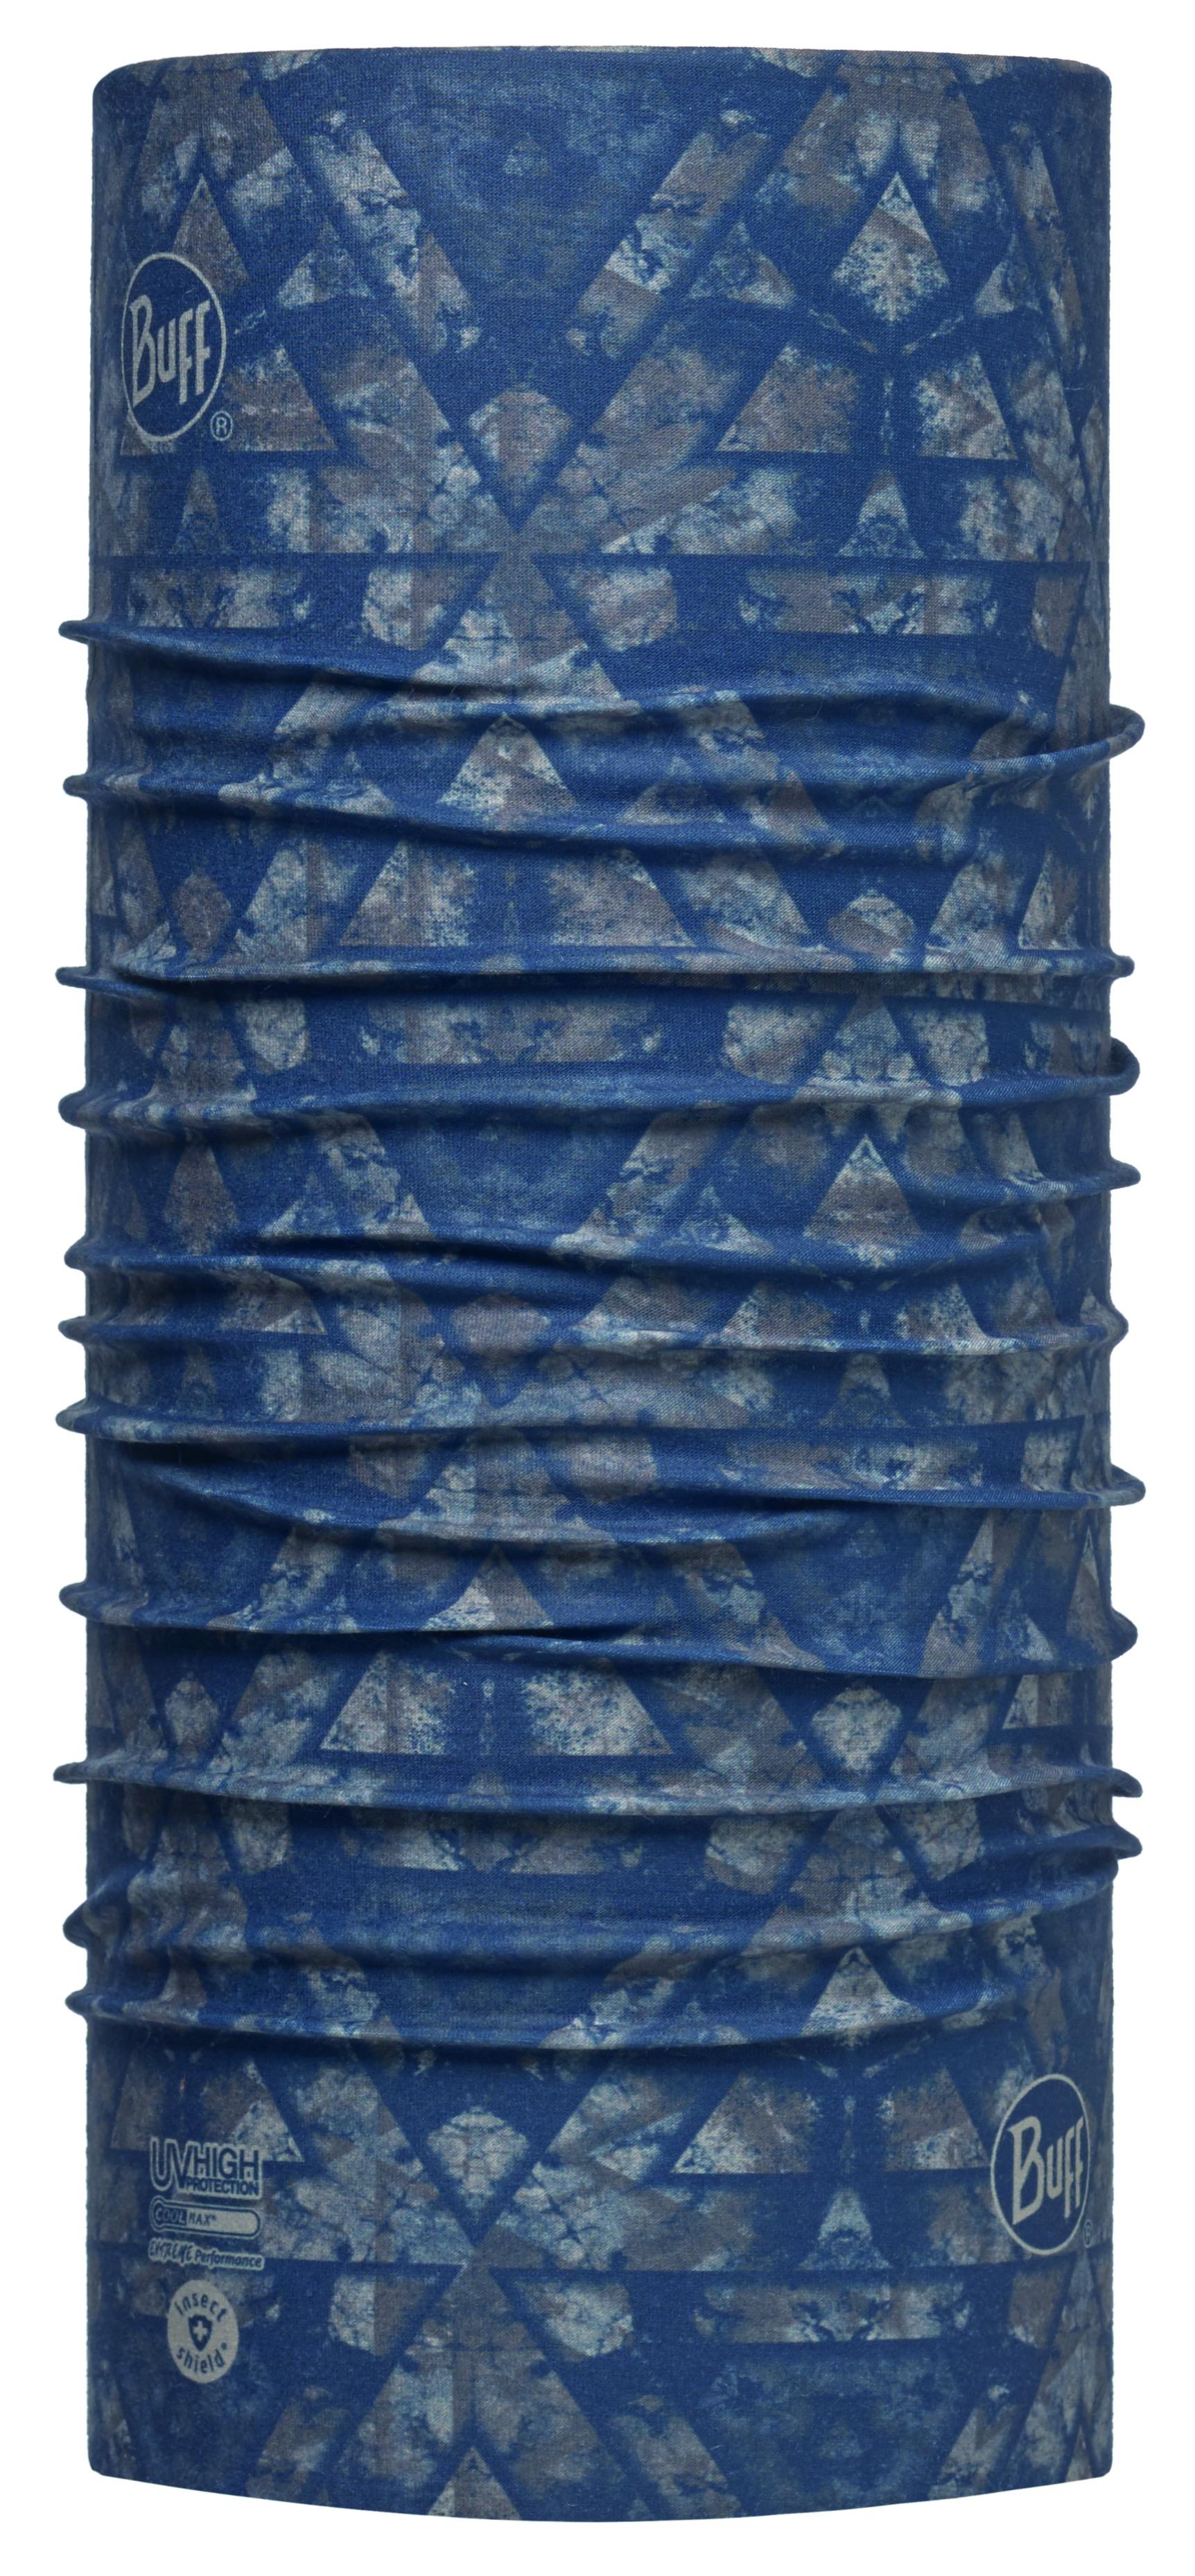 Купить Бандана BUFF INSECT SHIELD BUFF® INUGAMI BLUE Банданы и шарфы Buff ® 1312832